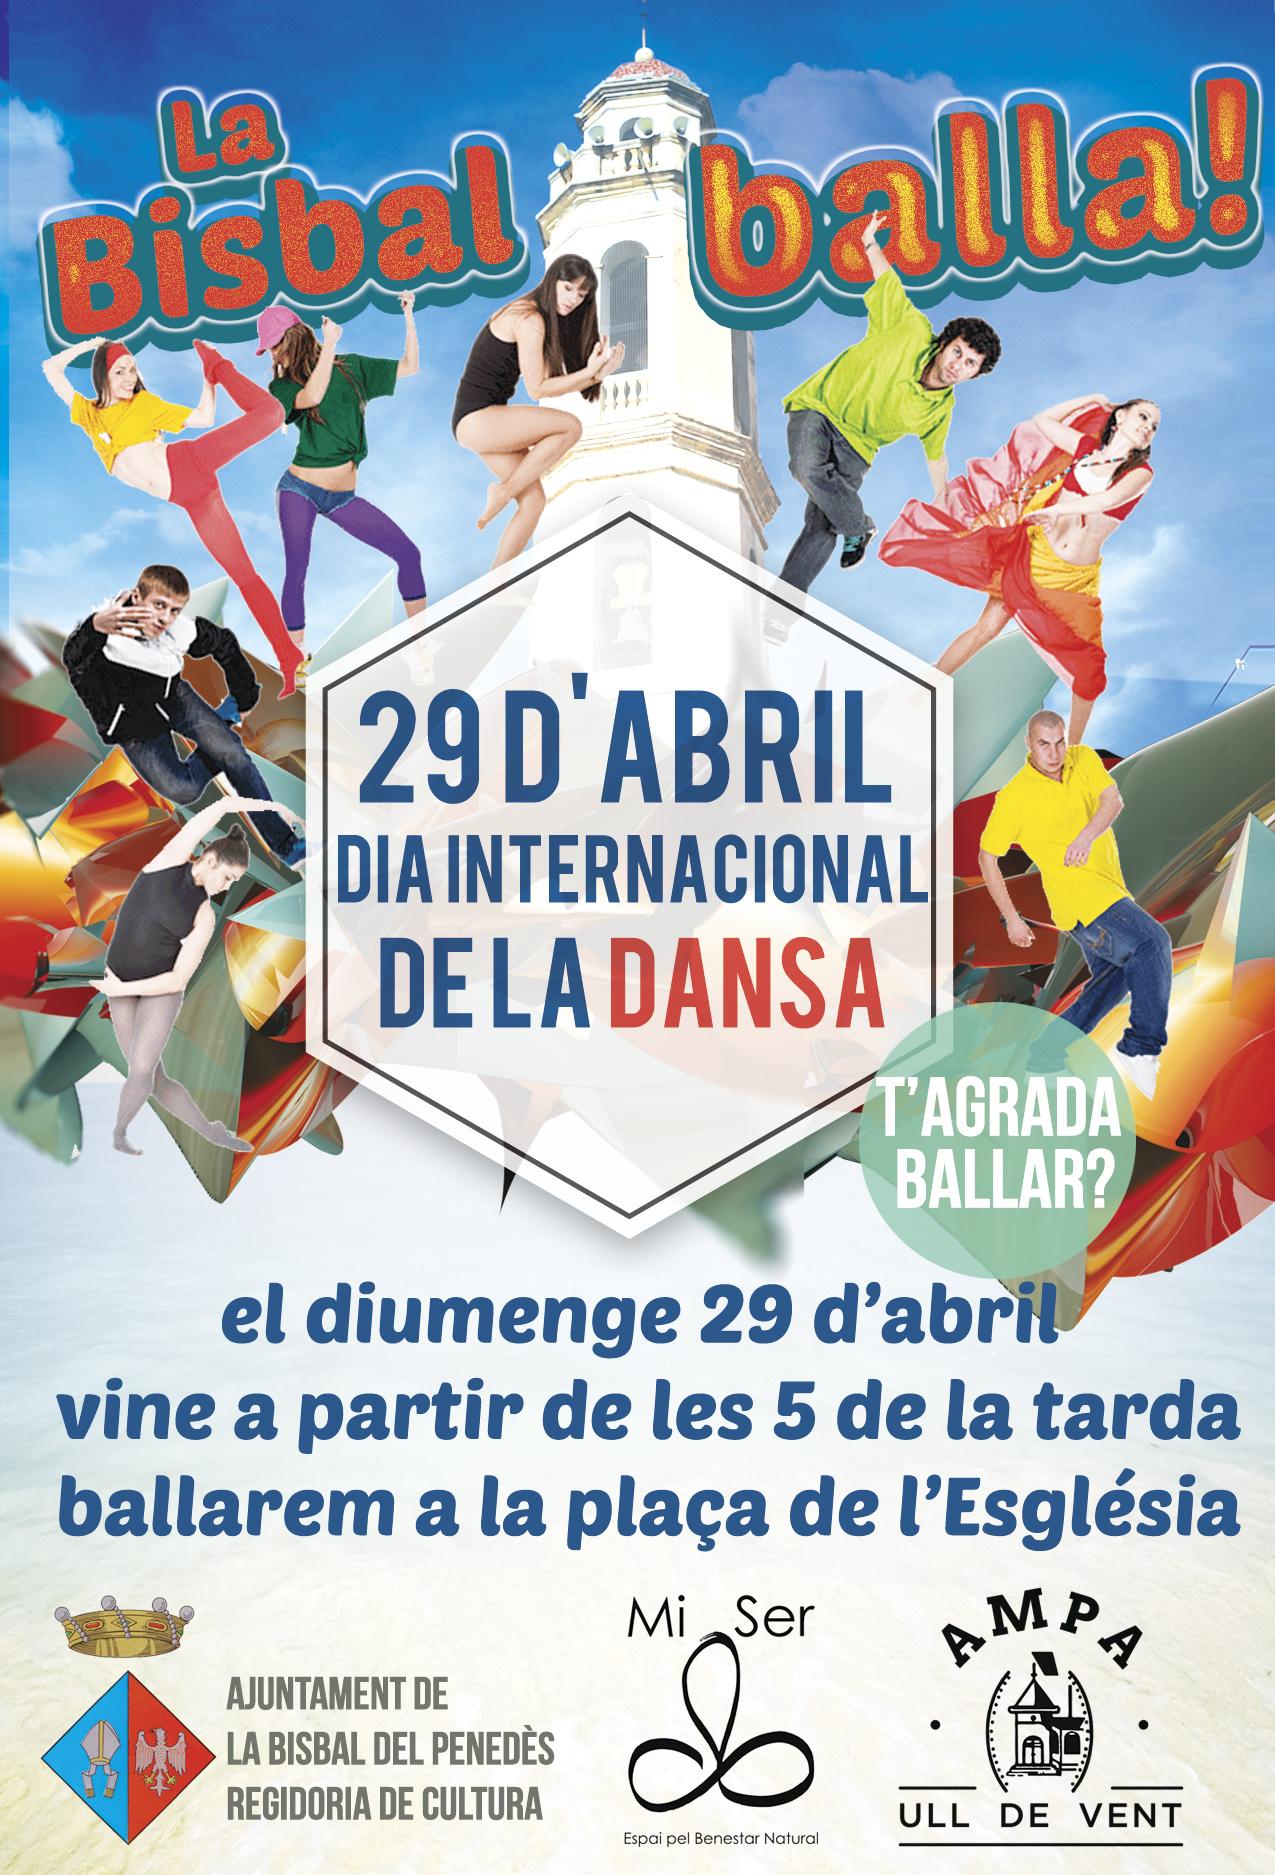 El 29 d'abril celebrarem el Dia Internacional de la Dansa